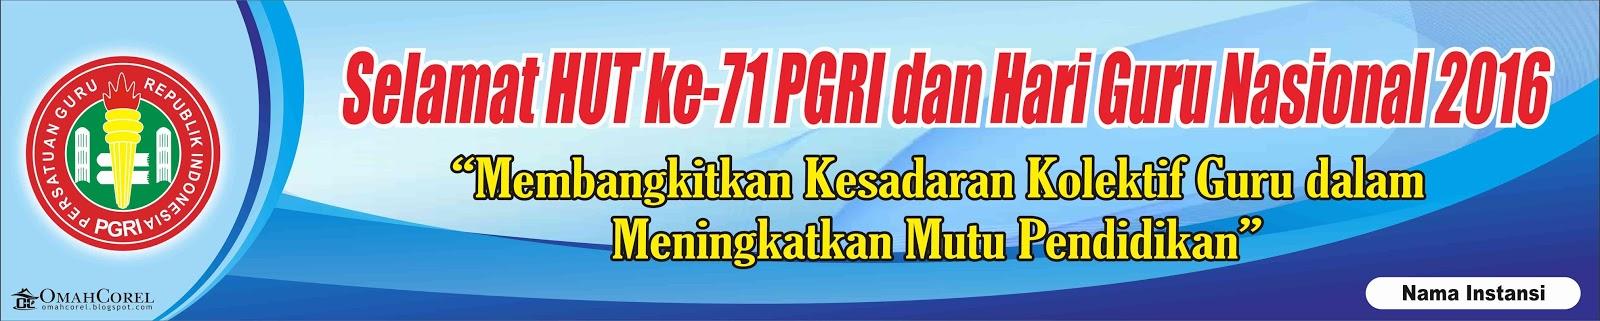 desain spanduk hari guru nasional tahun 2016 dan hut pgri